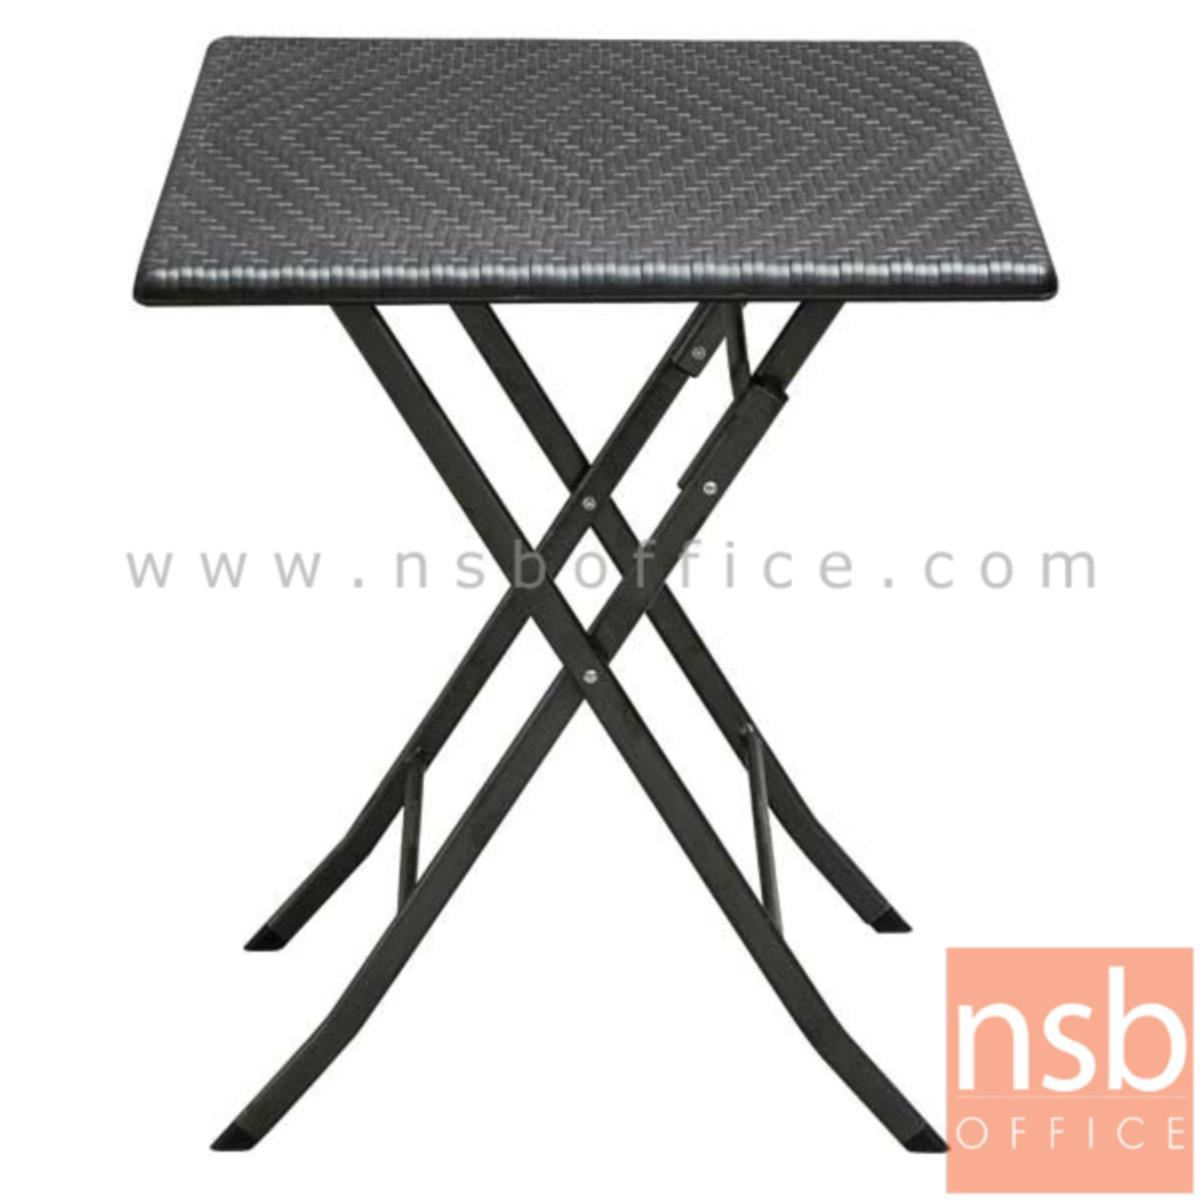 G11A163:โต๊ะพับหน้าหวายสาน รุ่น RF60  ขนาด 62W cm.  ขาเหล็กสีดำเกล็ดเงิน